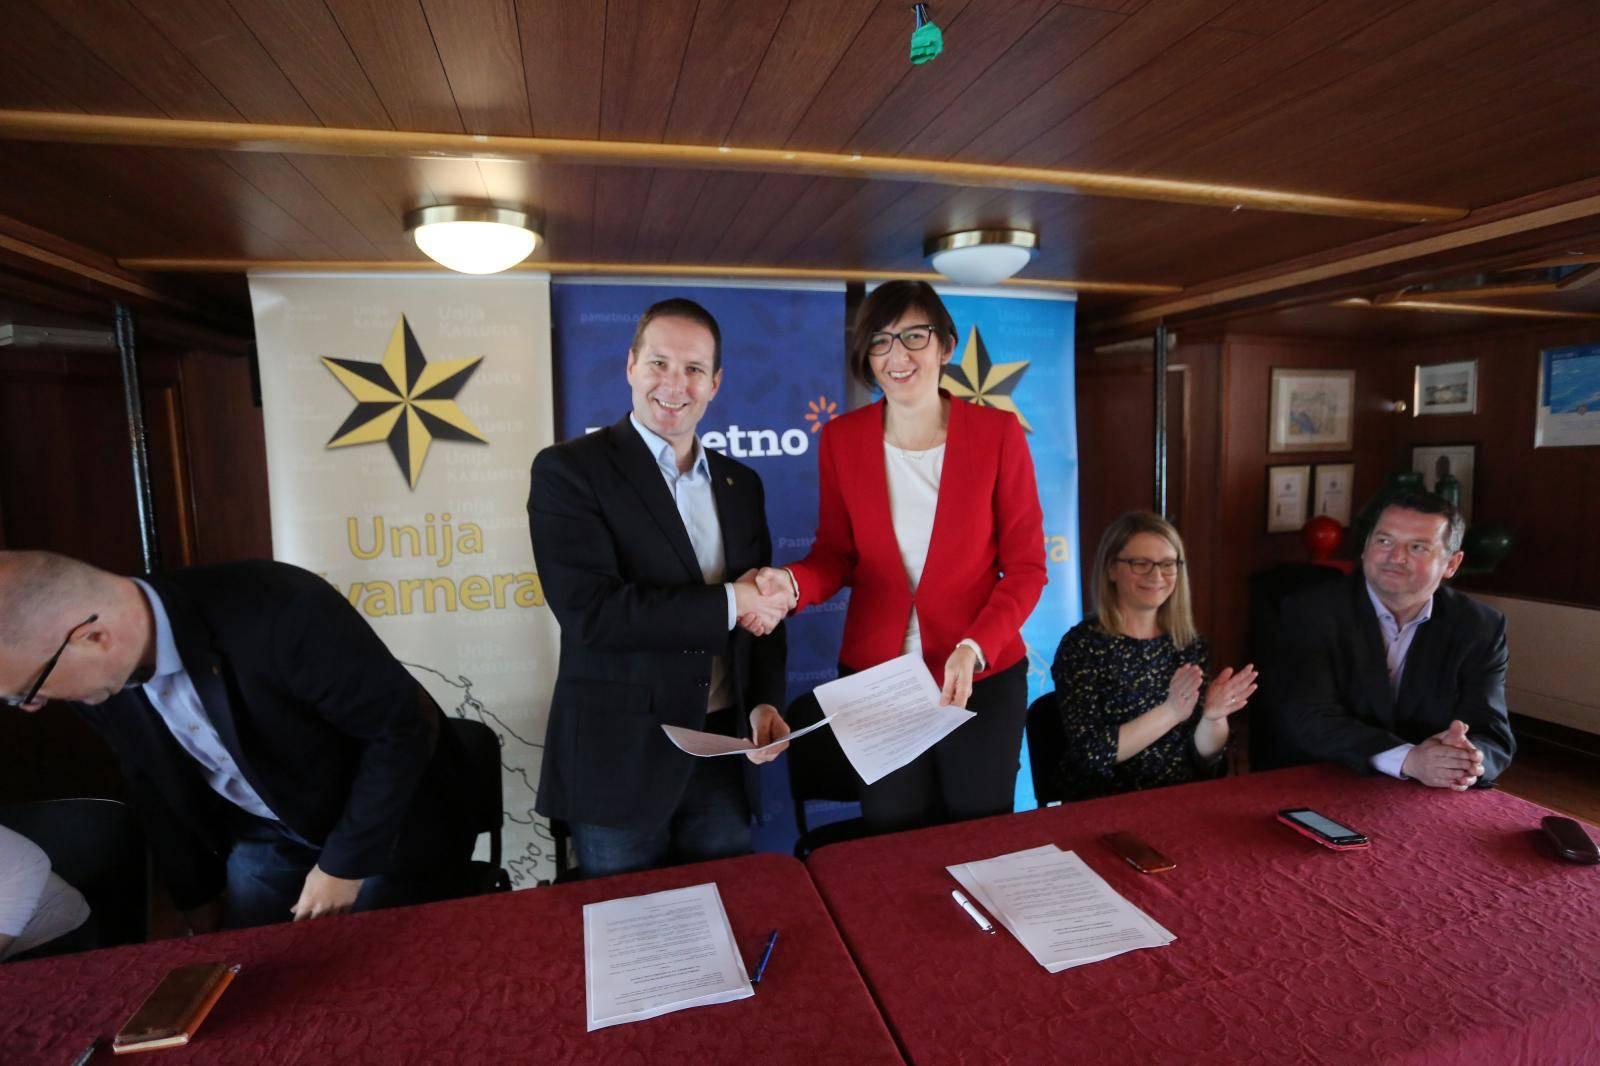 Rijeka: Potpisan Sporazum o izbornoj koaliciji Pametno i Unije Kvarnera za  EU izbore